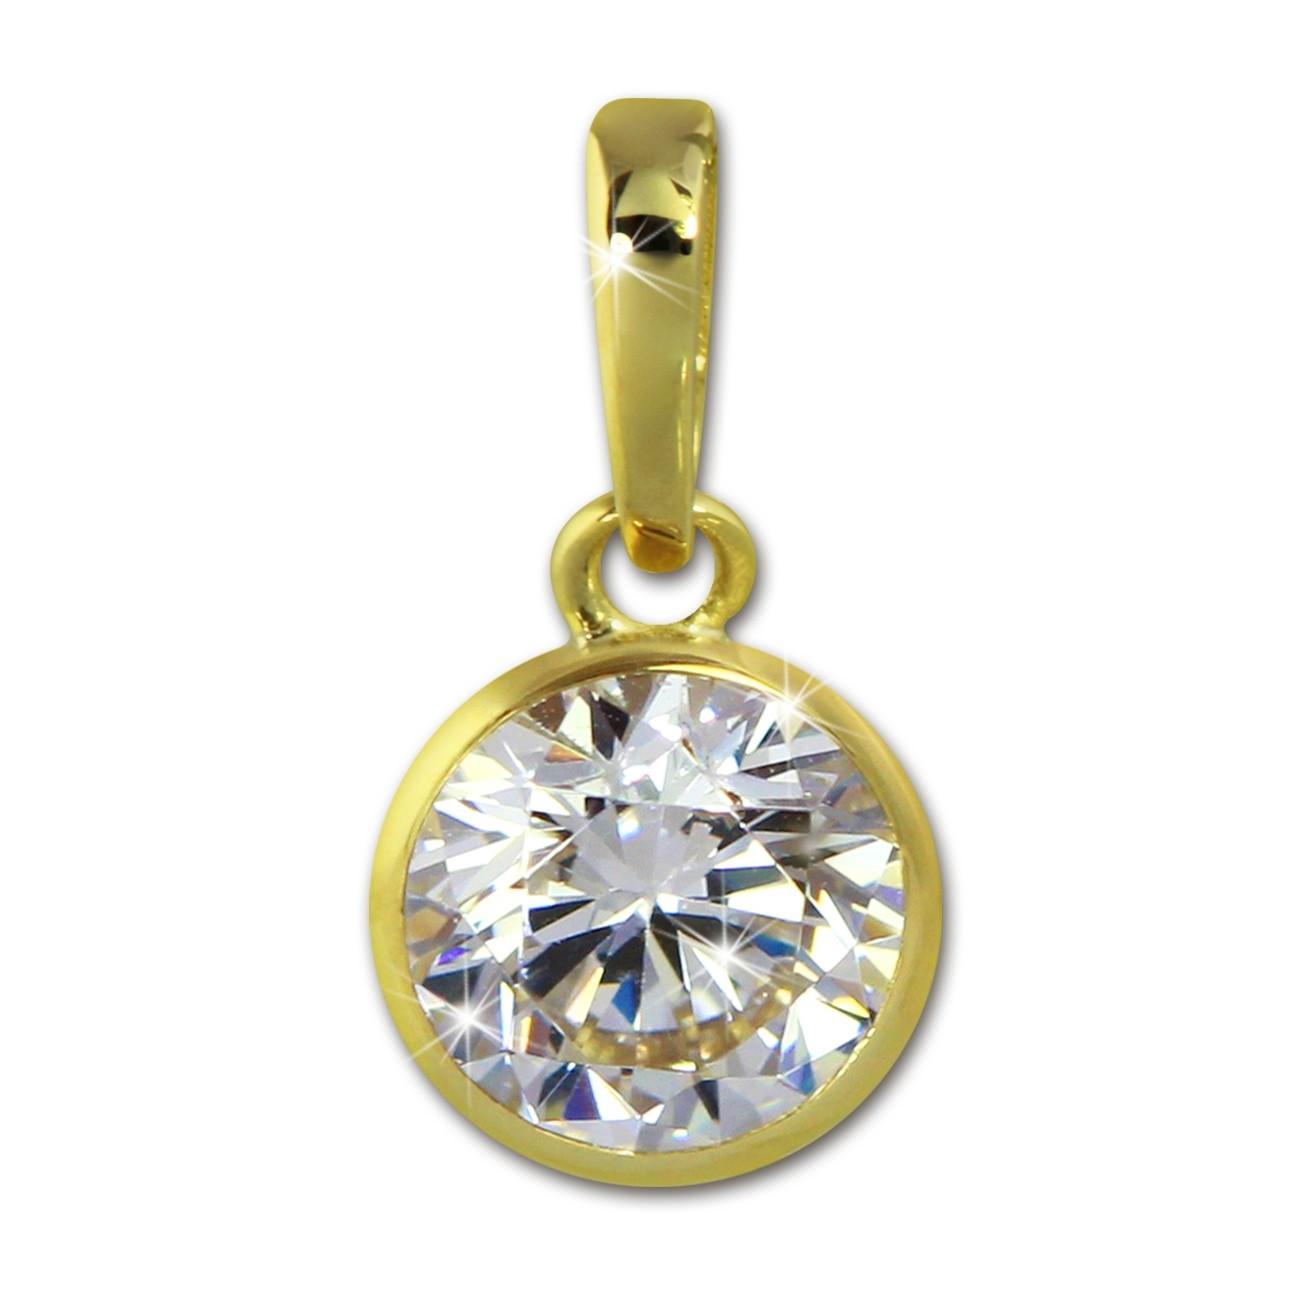 SilberDream Kettenanhänger Zirkonia weiß 375 Gold Anhänger Echtschmuck GDH001Y